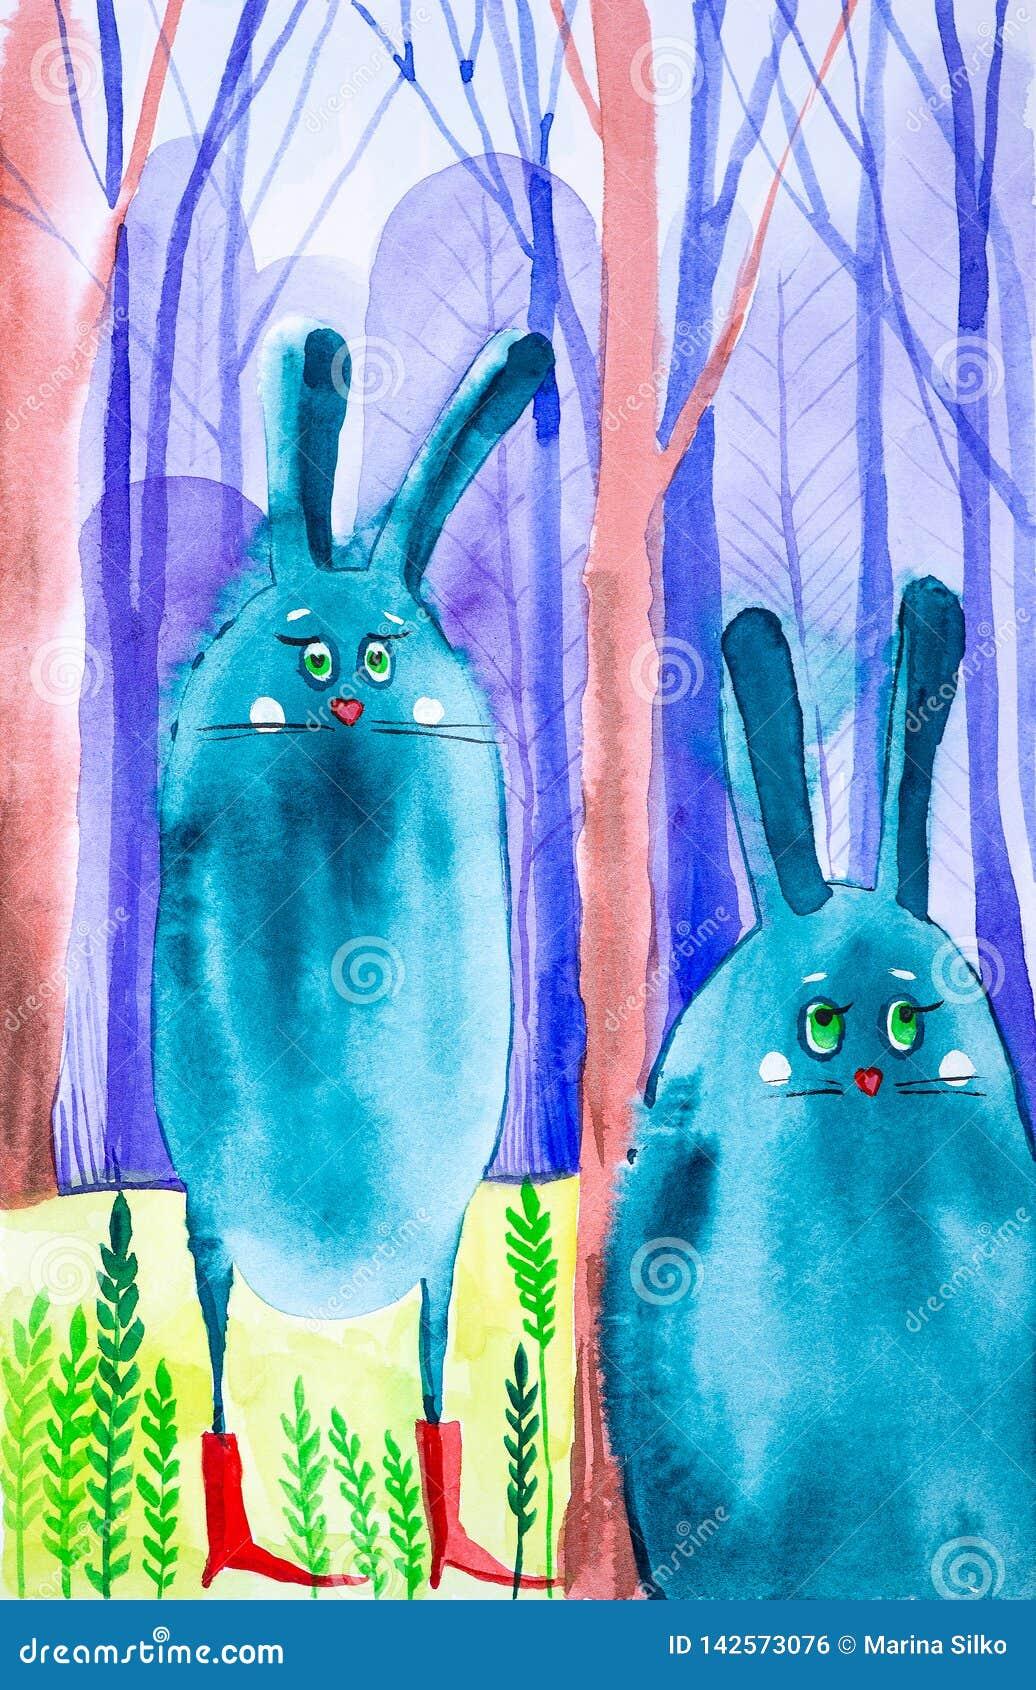 Los descenso-conejos abstractos consiguieron perdidos en un bosque de hadas entre árboles Uno de ellos está llevando botas rojas